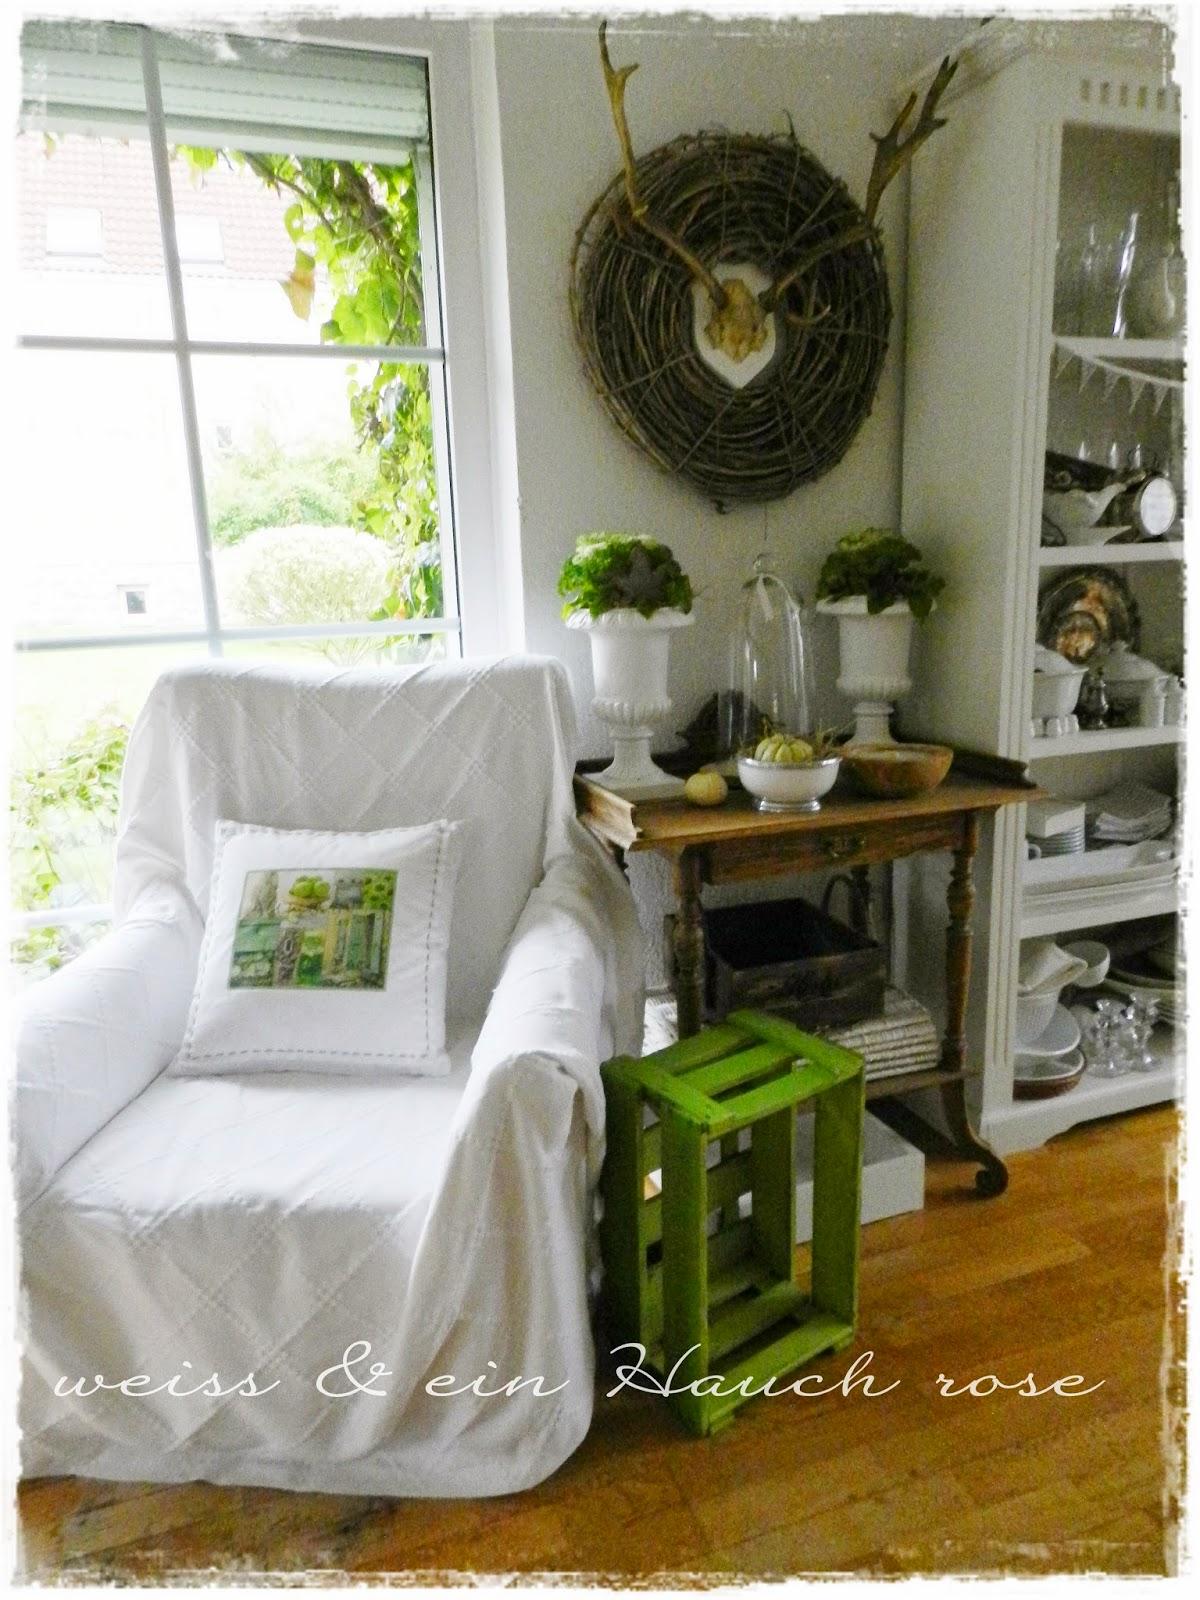 weiß & ein Hauch rosé: Mein grünes Wohnzimmer...